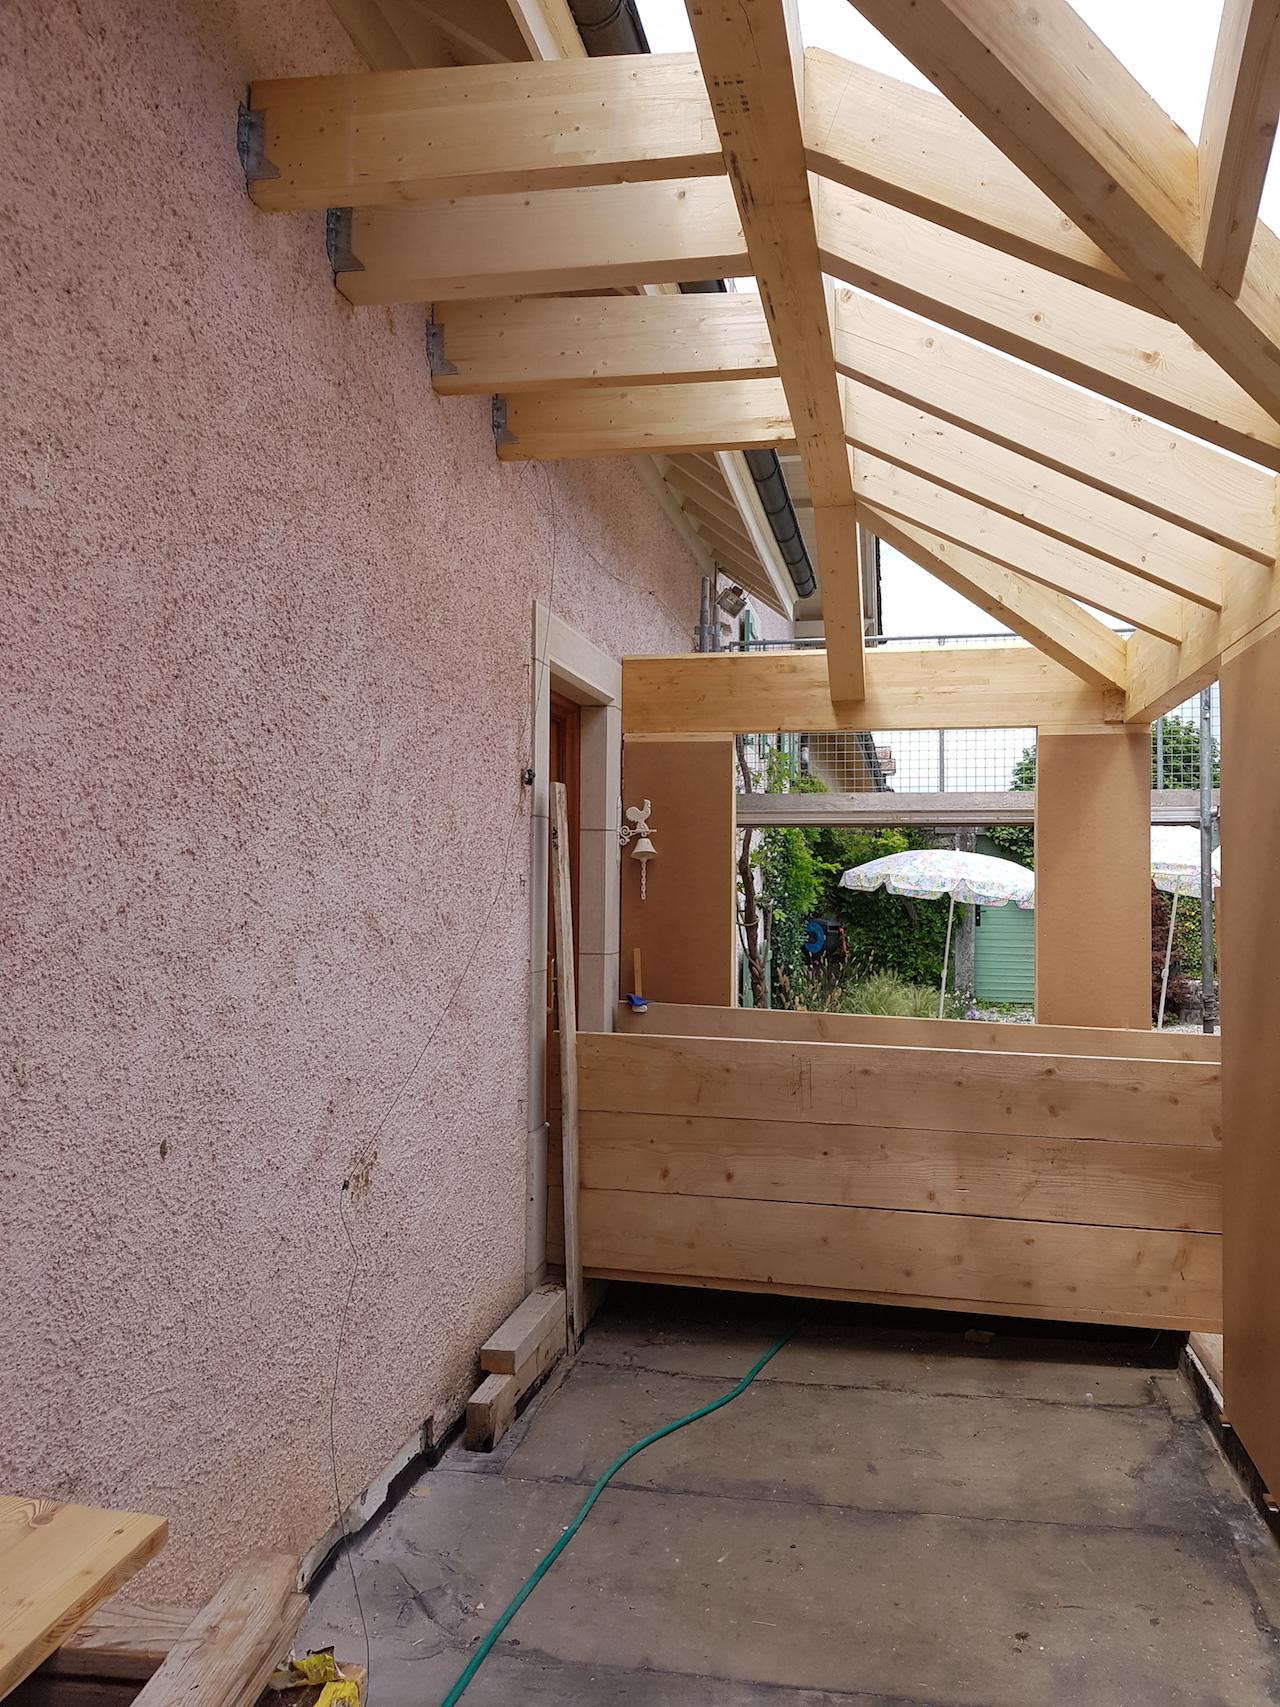 CSDK Construction préfabriquée en bois 2 - Engagement durable - CSDK Construction préfabriquée en bois 2